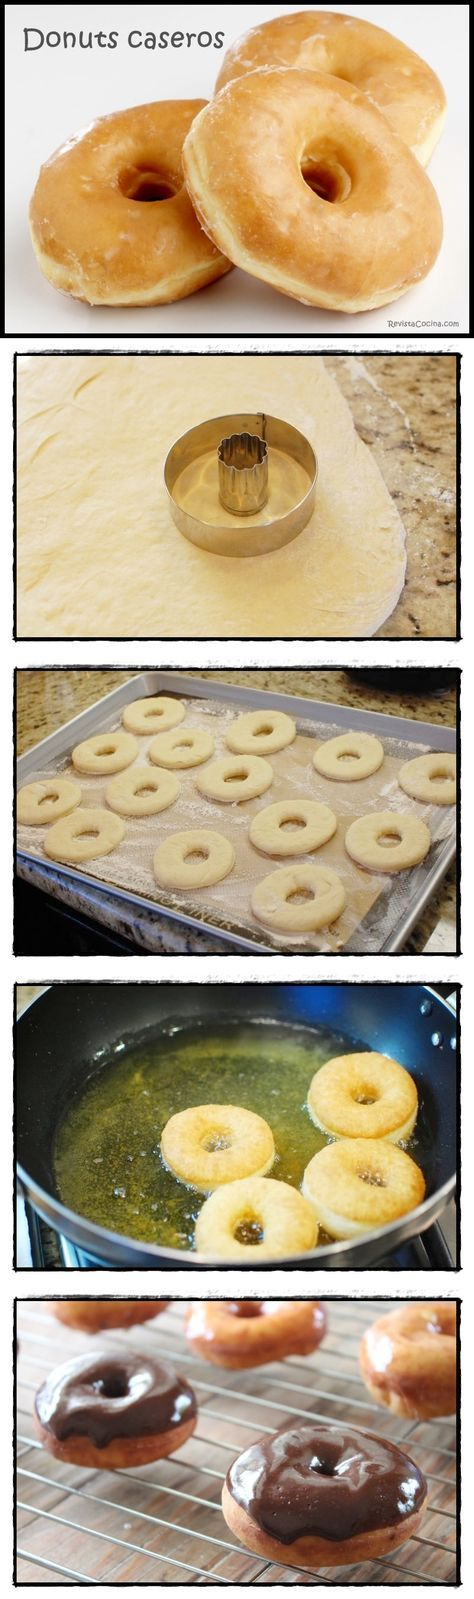 Donuts caseros  http://www.revistacocina.com/donuts-caseros/